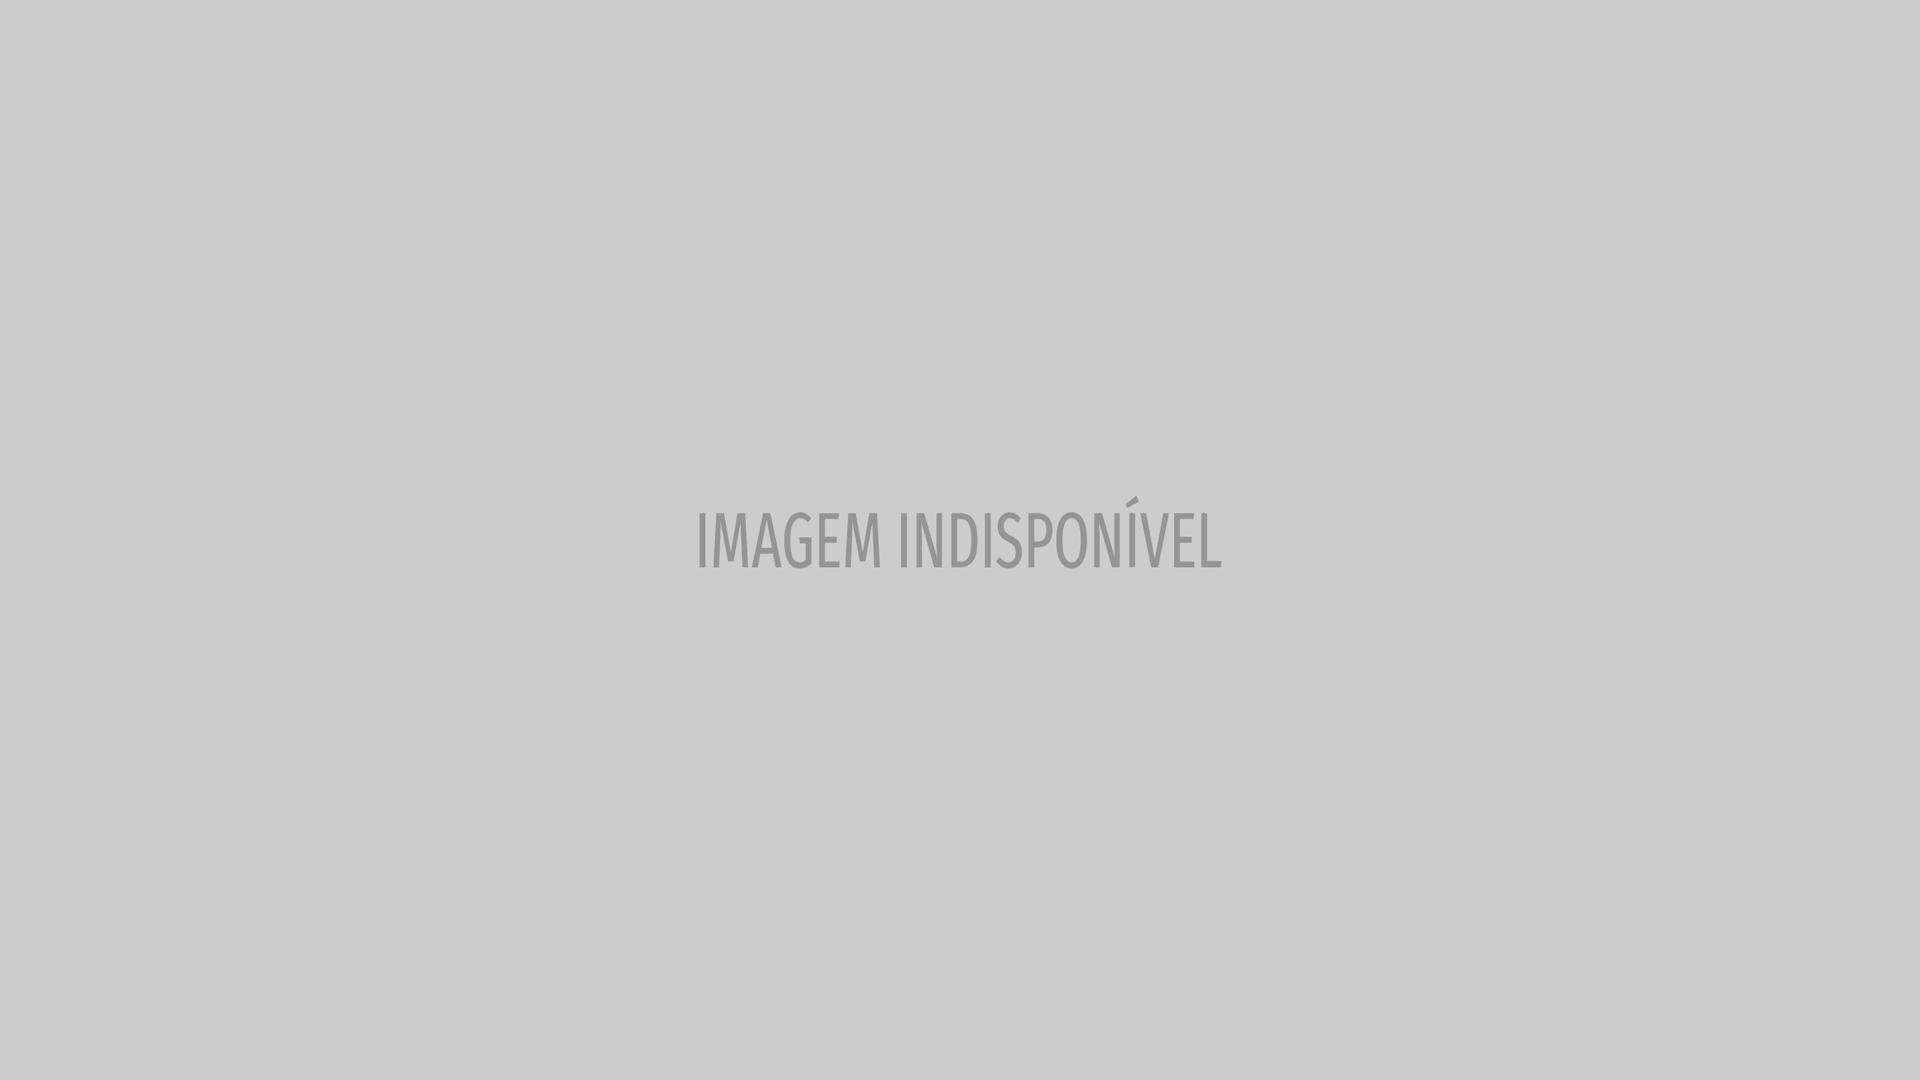 Fani posa em banheira de espuma: 'Ame-se acima de tudo'